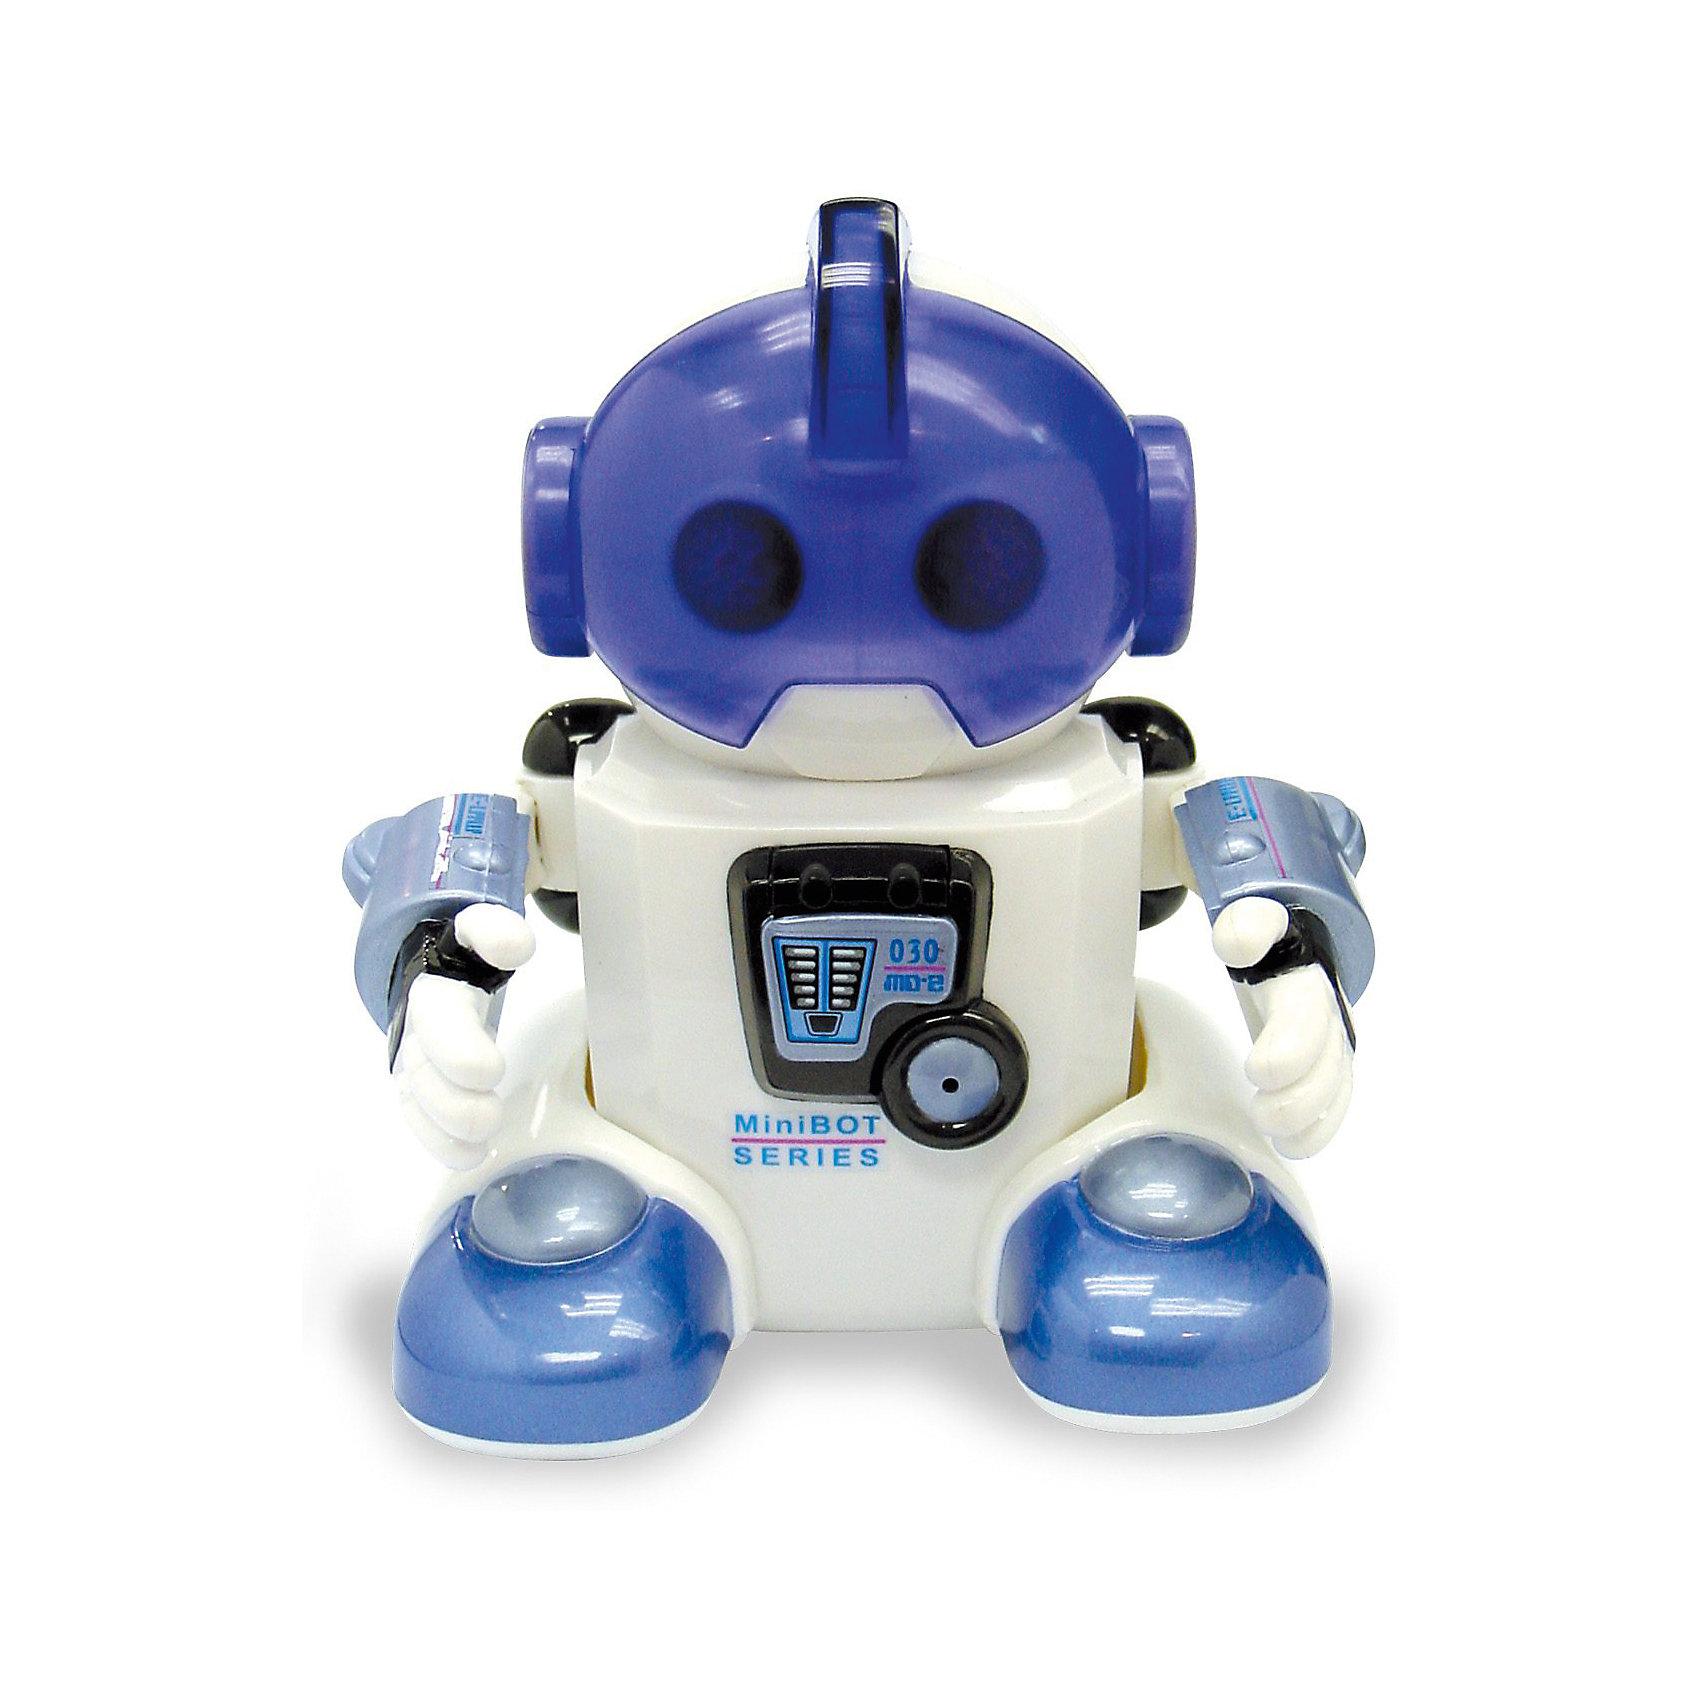 Робот Jabber, SilverlitРоботы<br>Робот Jabber (Джаббер) от Silverlit (Сильверлит) - уникальная интерактивная игрушка, которая вызовет восхищение не только у детей, но и у взрослых. Благодаря встроенной памяти робот способен выполнять различные движения: размахивать руками, мигать глазками.<br>Особенности:<br>- реагирует на звуки<br>- при открытии шлема будет танцевать<br>- движения сопровождаются световыми и звуковыми эффектами;<br>- инфракрасный датчик позволяет роботу обходить препятствия;<br>- возможность общения с другими роботами. <br><br>Робот Jabber способствует развитию у ребенка логического мышления, реакции и воображения, тренирует навыки общения.<br><br>Дополнительная информация:<br><br>- Материал: пластик, металл.<br>- Требуются батарейки: 4 х ААА  LR03 1.5V (мизинчиковые) (не входят в комплект). <br>- Размер игрушки: 11 х 14 х 10 см. <br>- Размер упаковки: 21 х 14 х 28 см. <br>- Вес: 0,542 кг.<br><br>Робота Jabber, Silverlit можно купить в нашем интернет-магазине.<br><br>Ширина мм: 170<br>Глубина мм: 210<br>Высота мм: 140<br>Вес г: 479<br>Возраст от месяцев: 48<br>Возраст до месяцев: 1188<br>Пол: Мужской<br>Возраст: Детский<br>SKU: 3668336